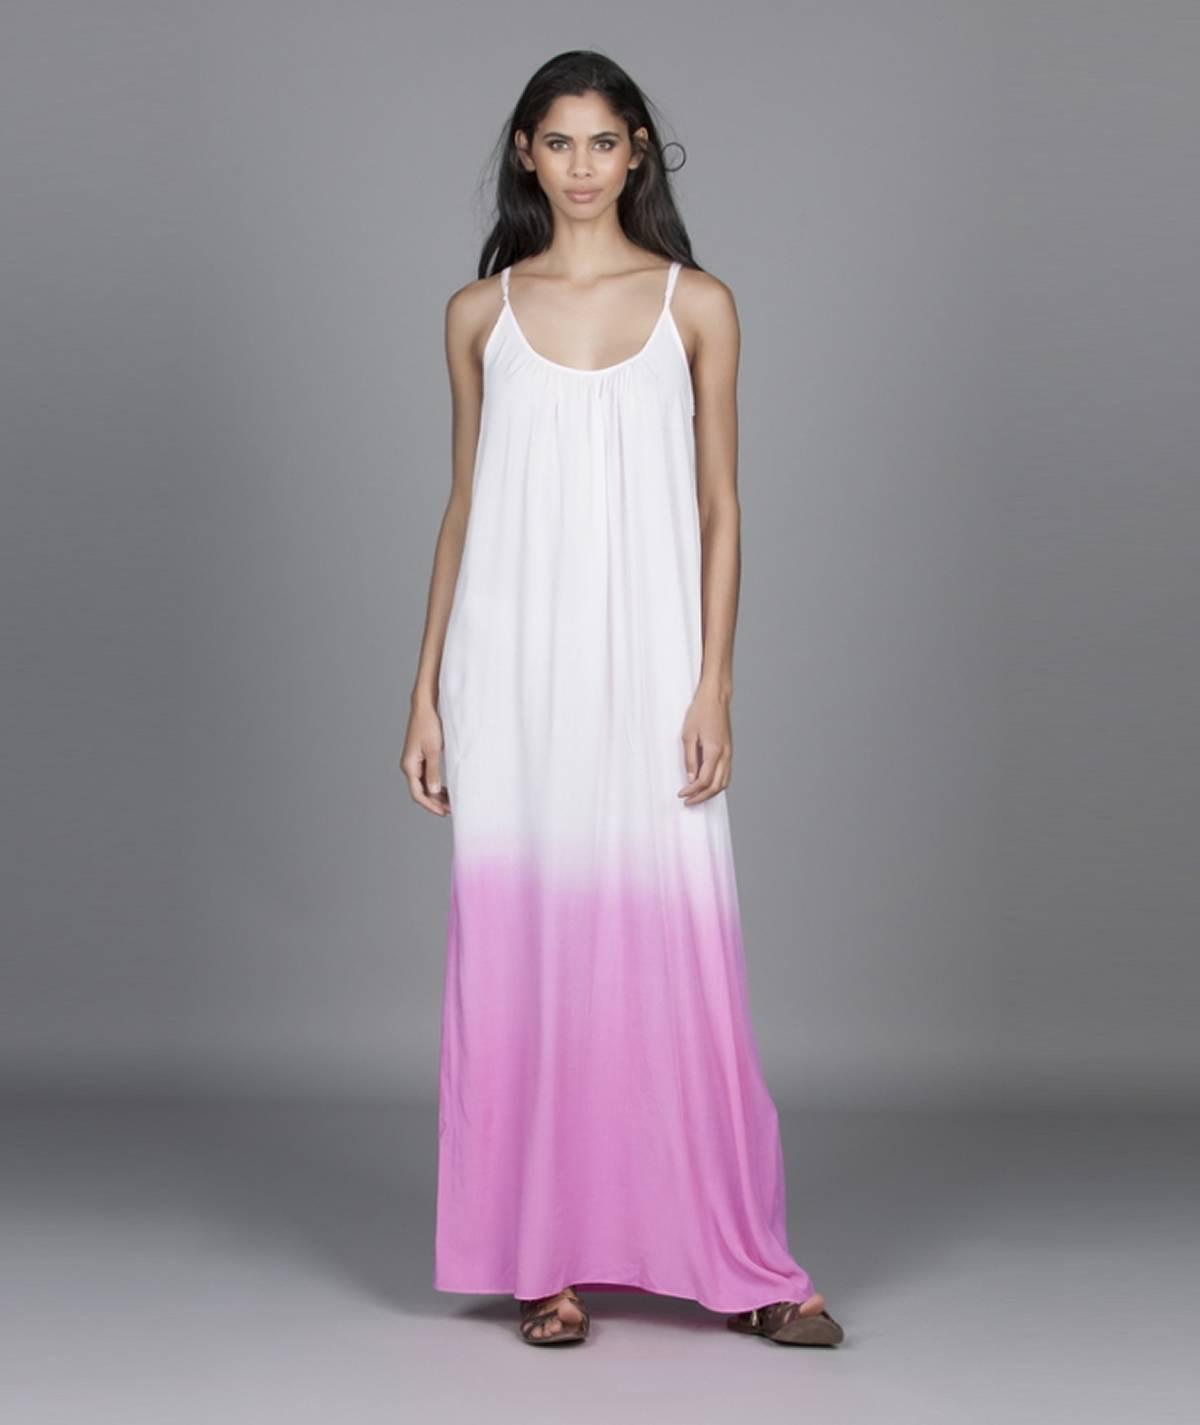 Vestido com efeito dip dye